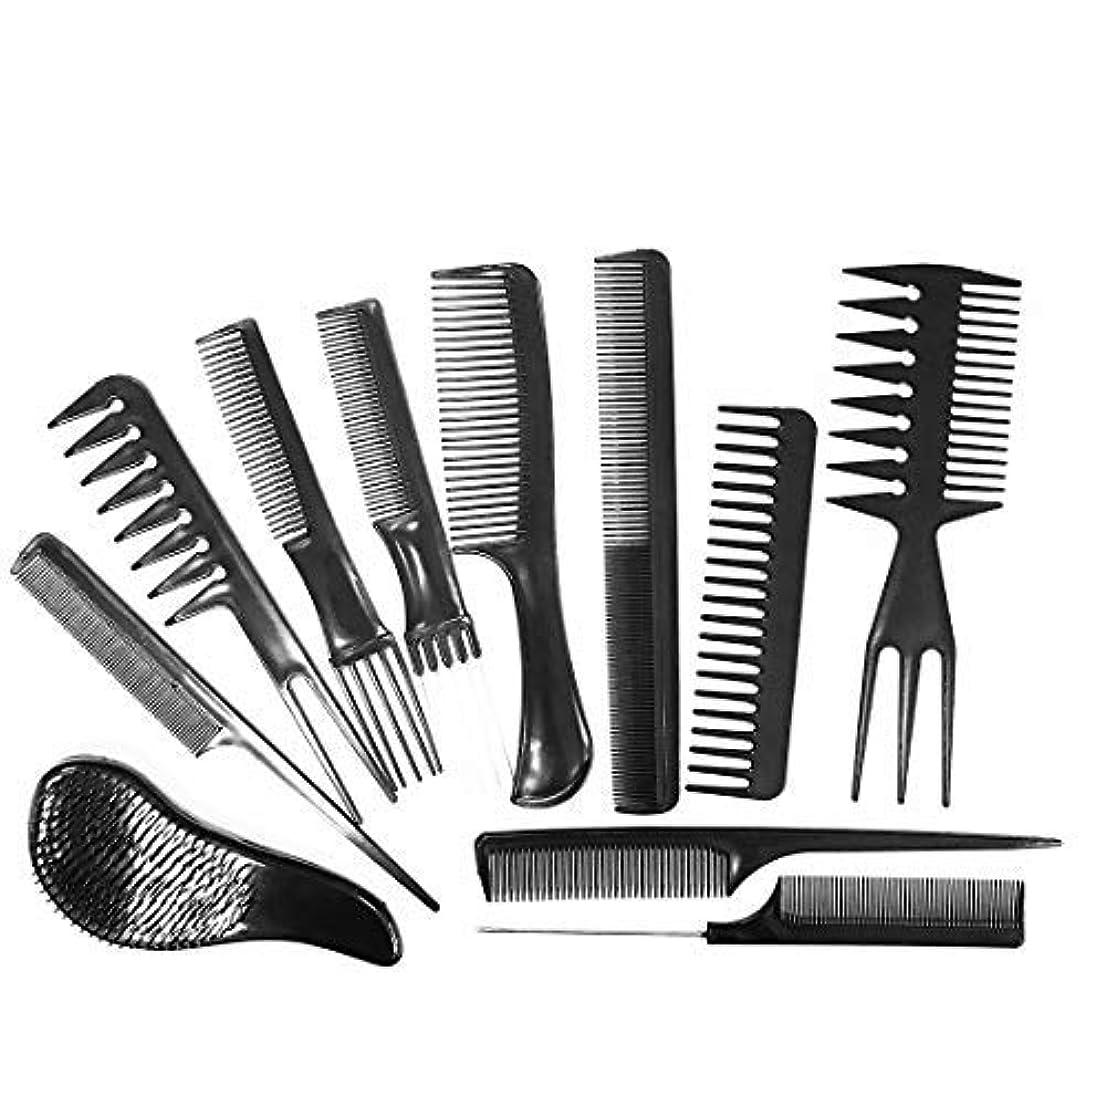 めまいが発症いらいらさせるDaimay Professional Hair Styling Comb Set Hair Styling Clips Salon Hair Styling Barbers Comb Set Variety Pack...